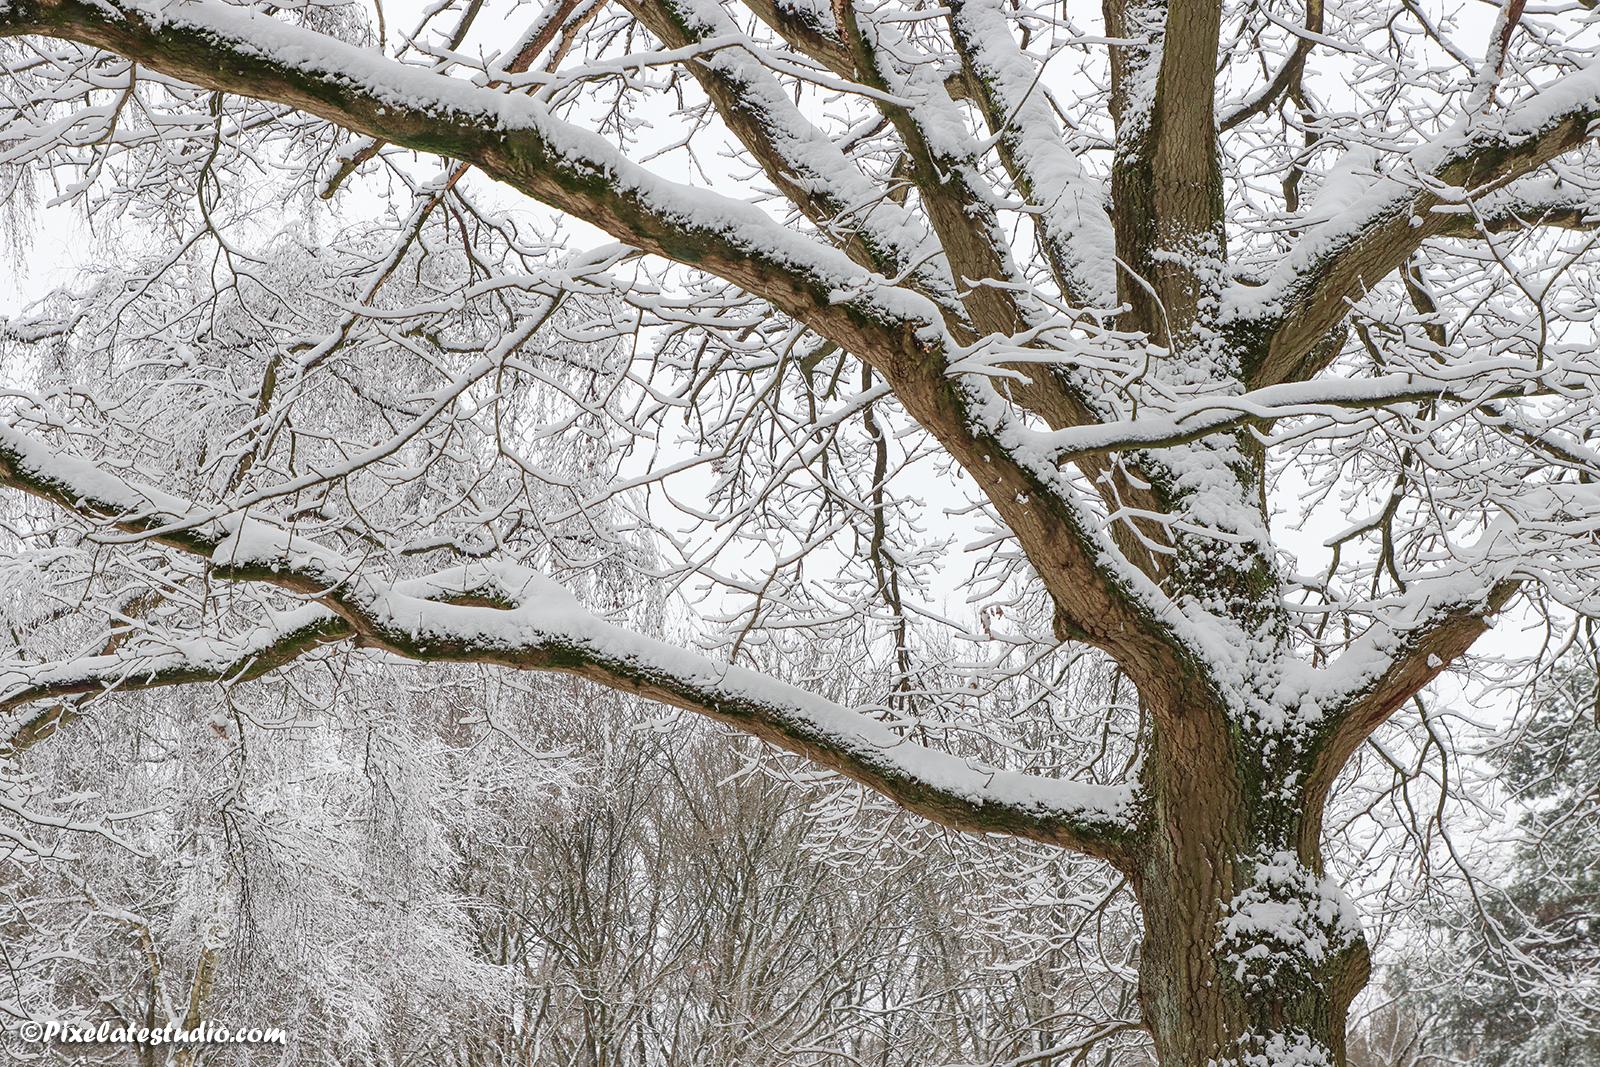 Winter foto van takken bedekt met sneeuw in het bos